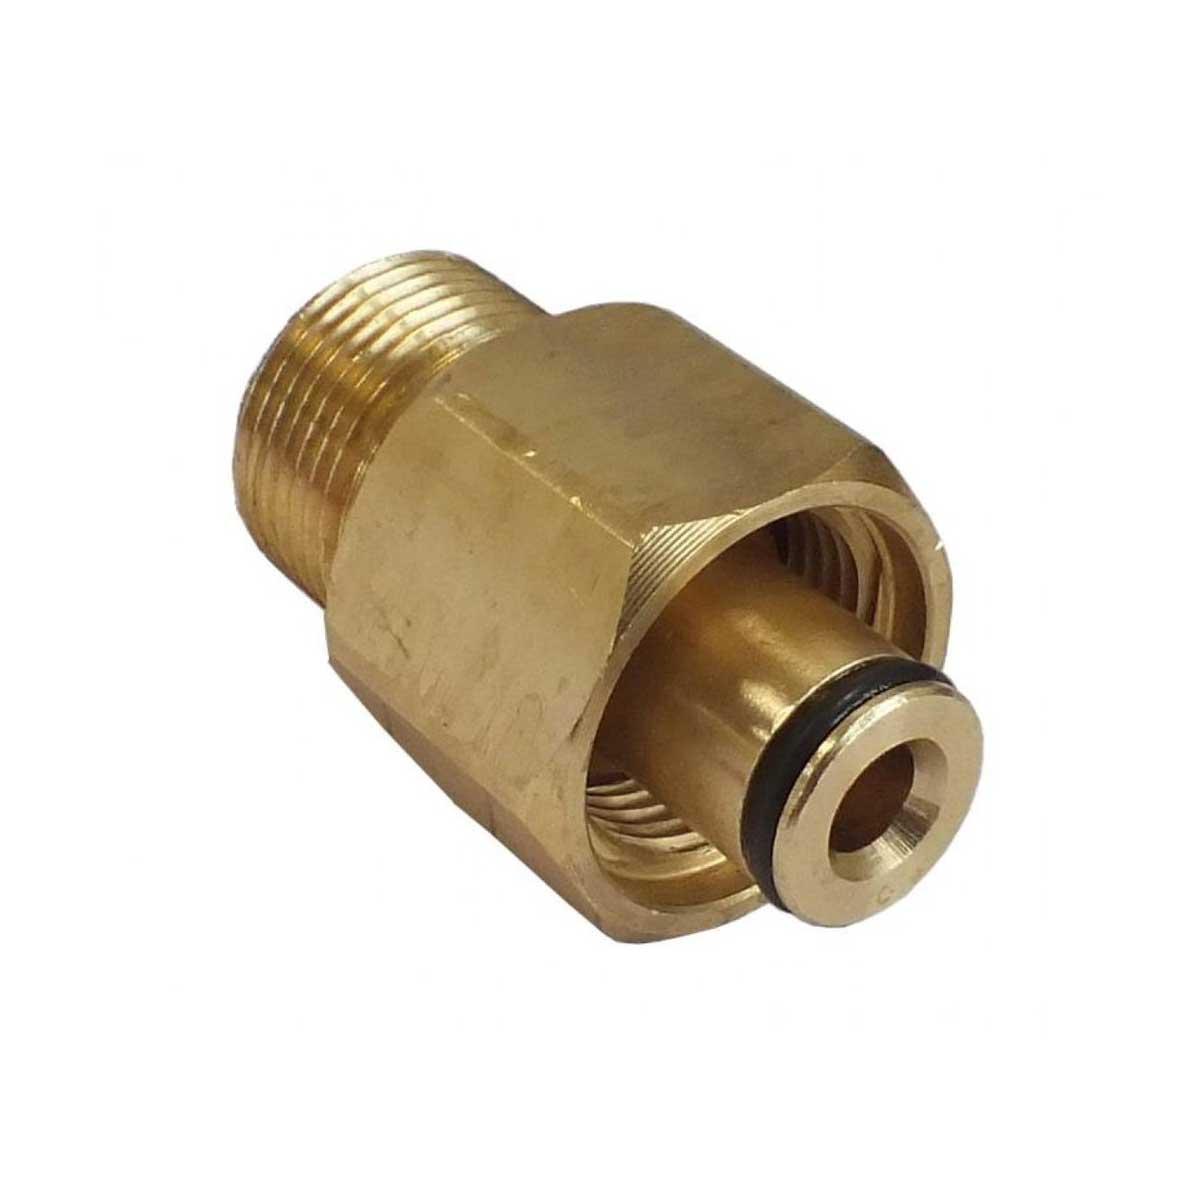 Kärcher Adapter Easy Lock - Kärcher HD